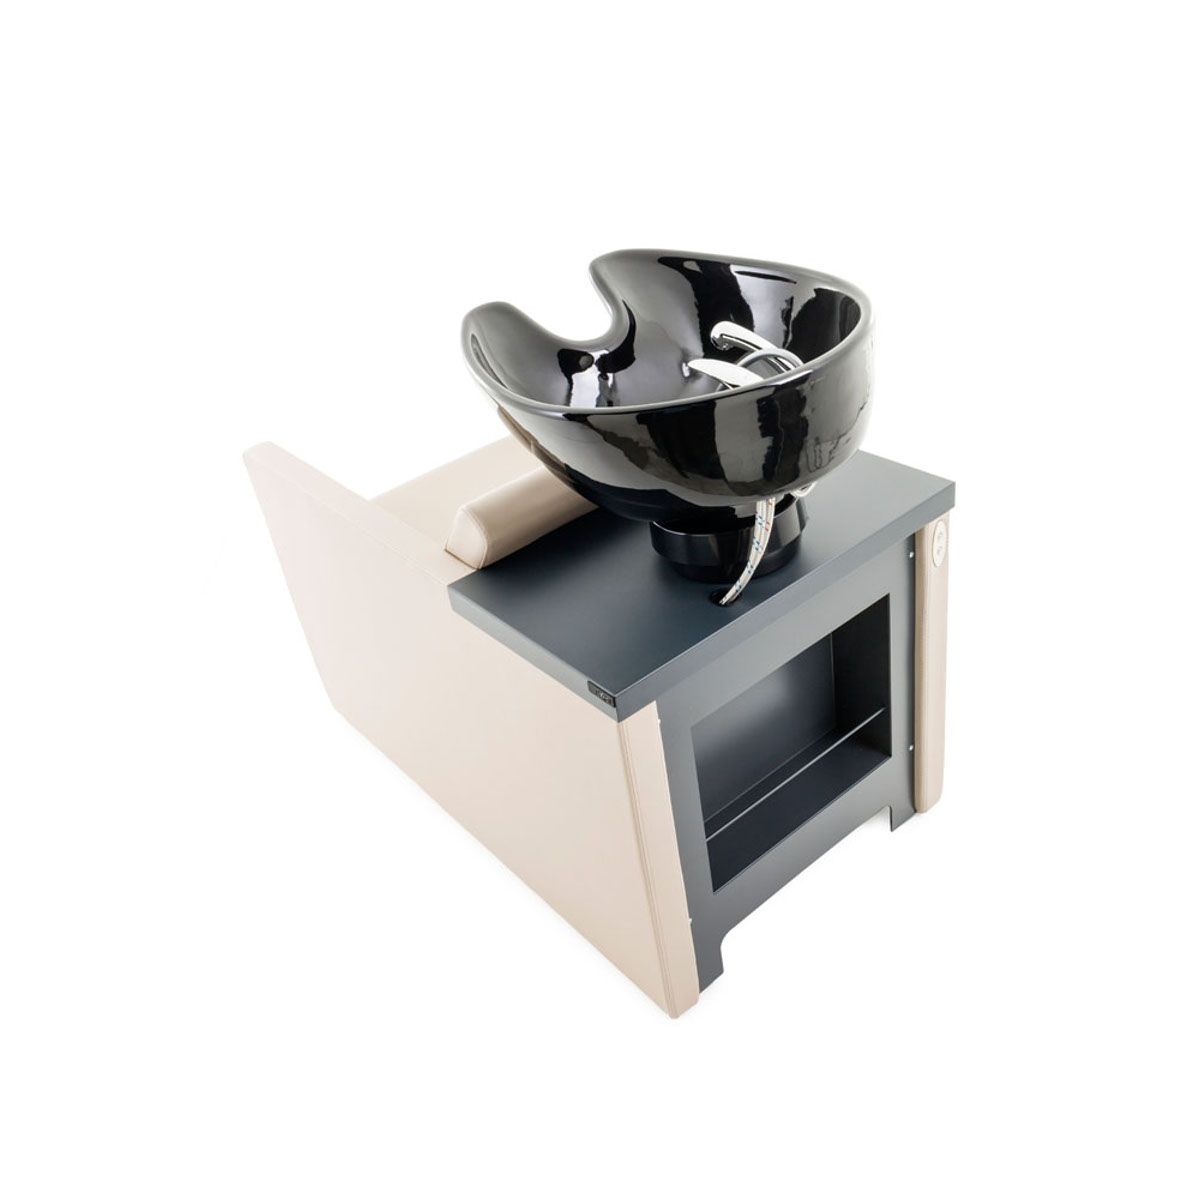 bac de lavage coiffure bac de lavage shampoing mobilier. Black Bedroom Furniture Sets. Home Design Ideas